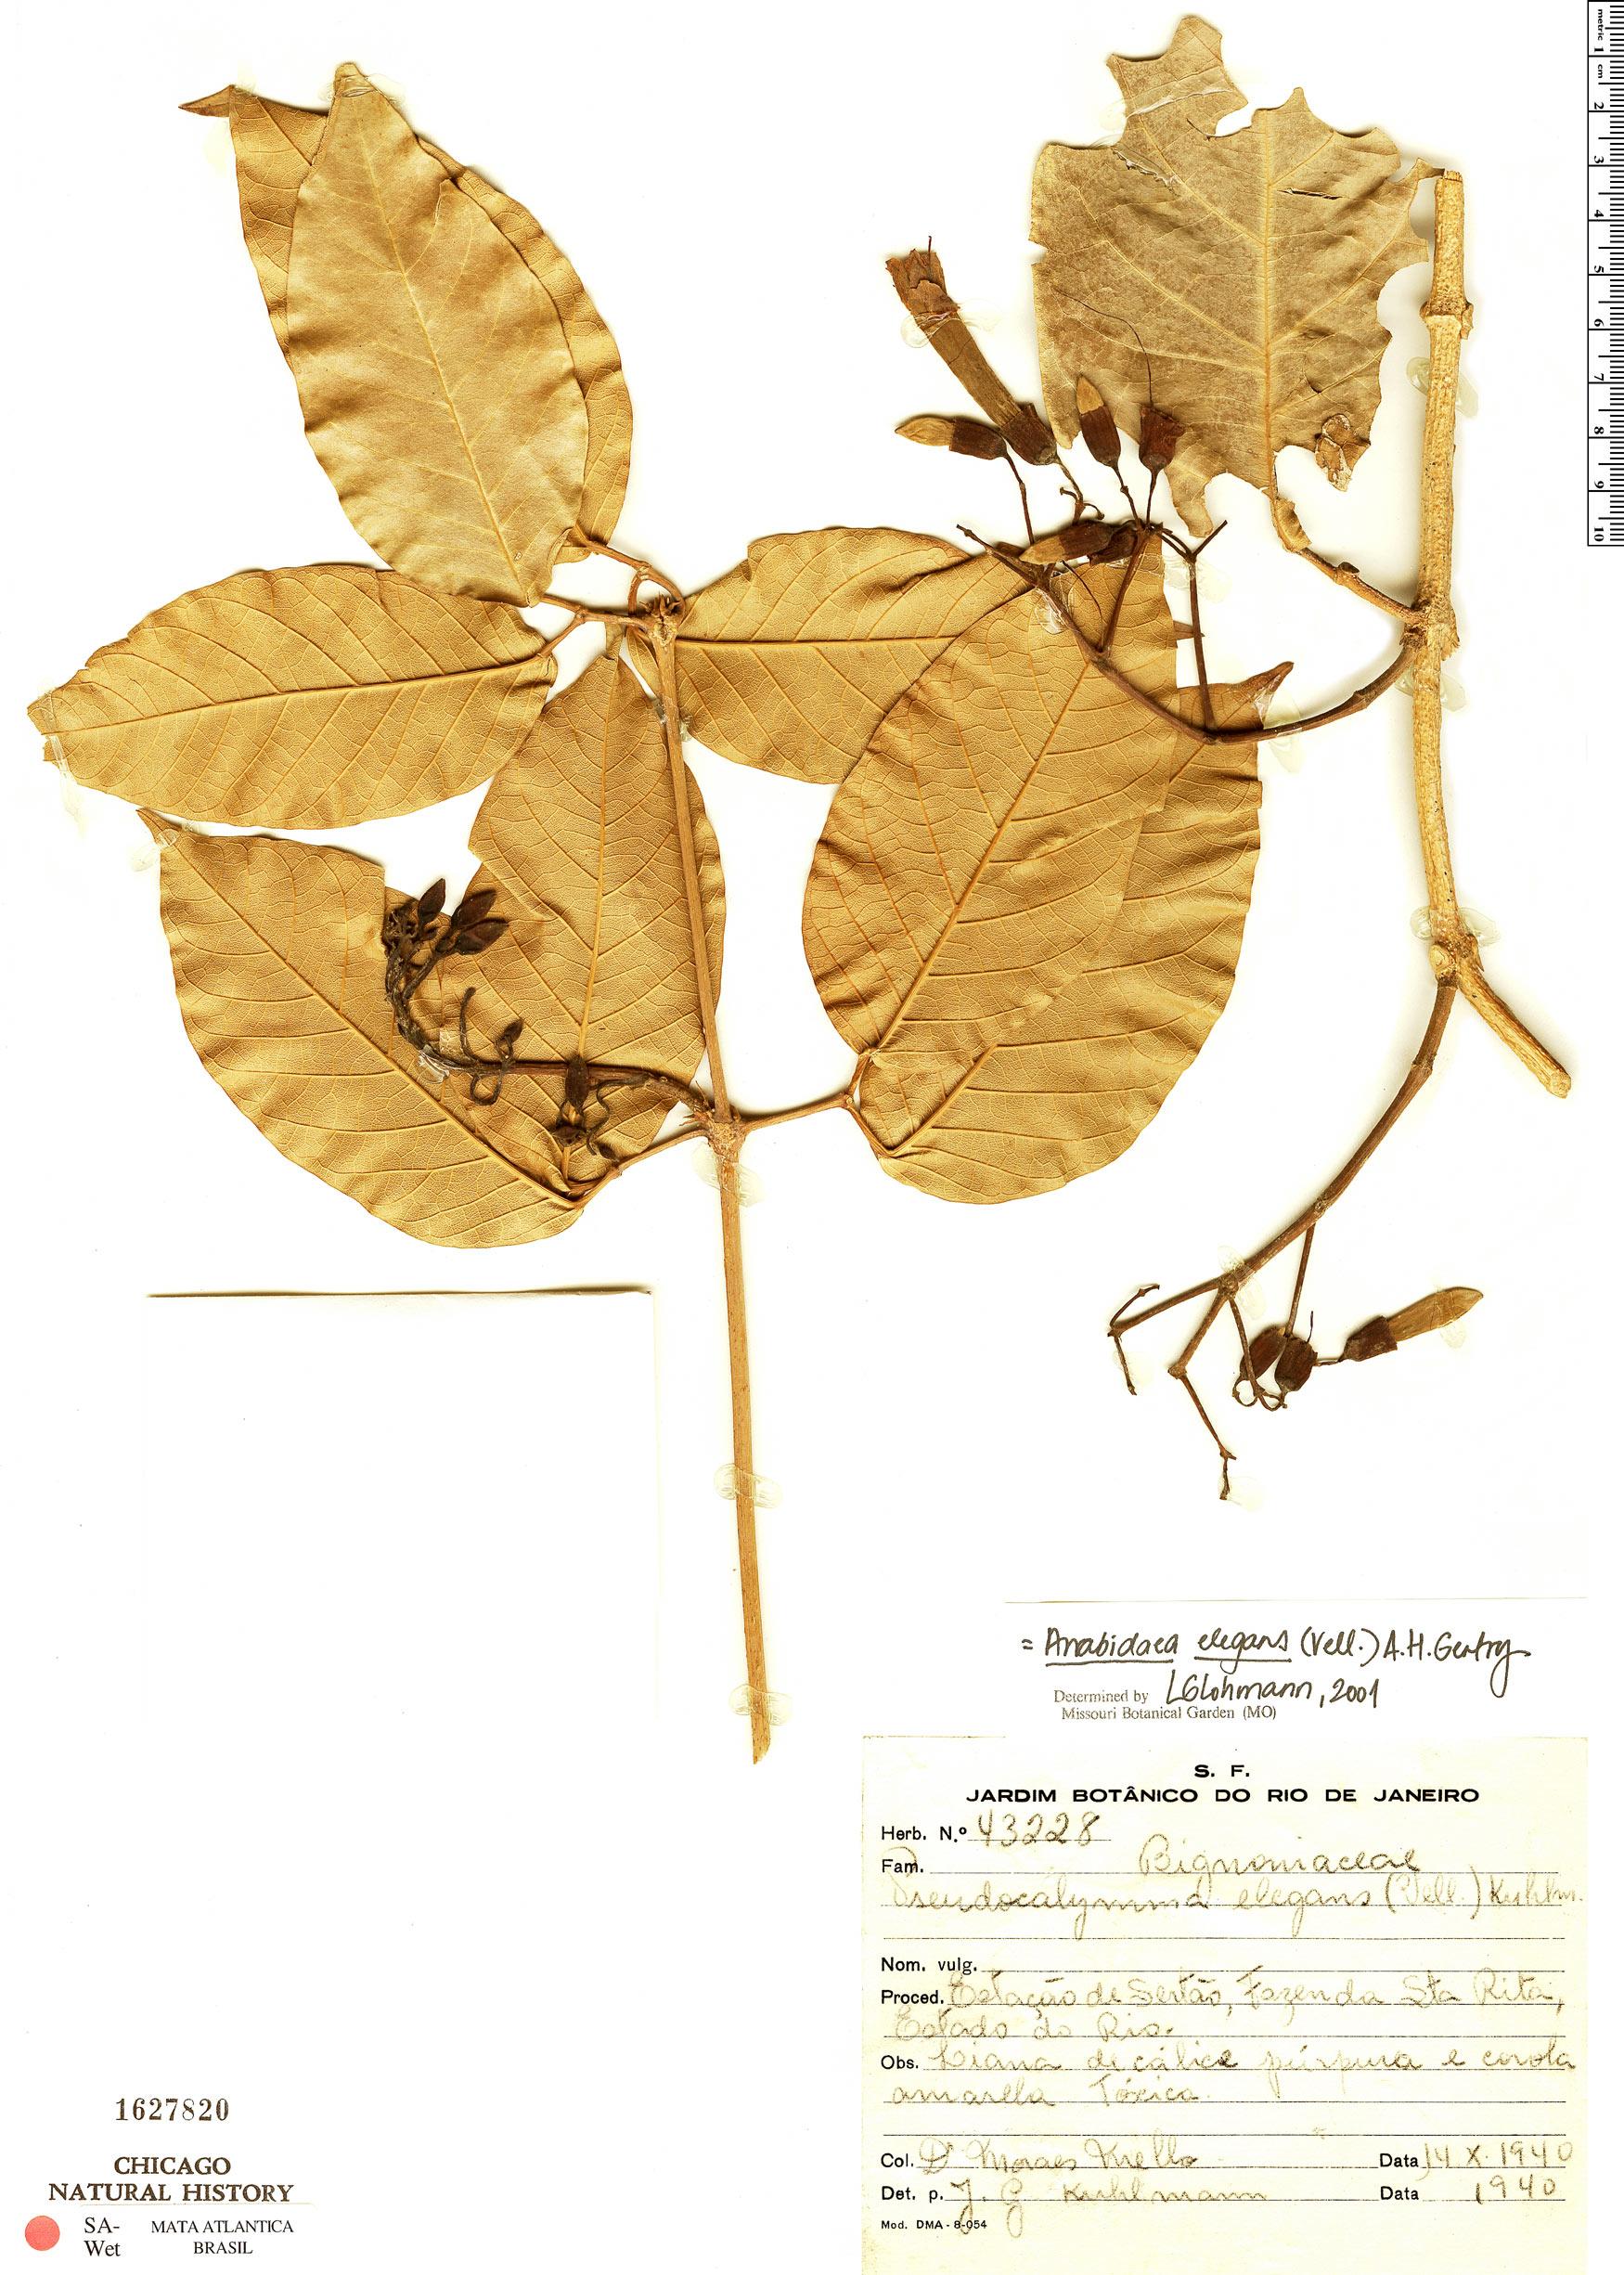 Specimen: Fridericia elegans